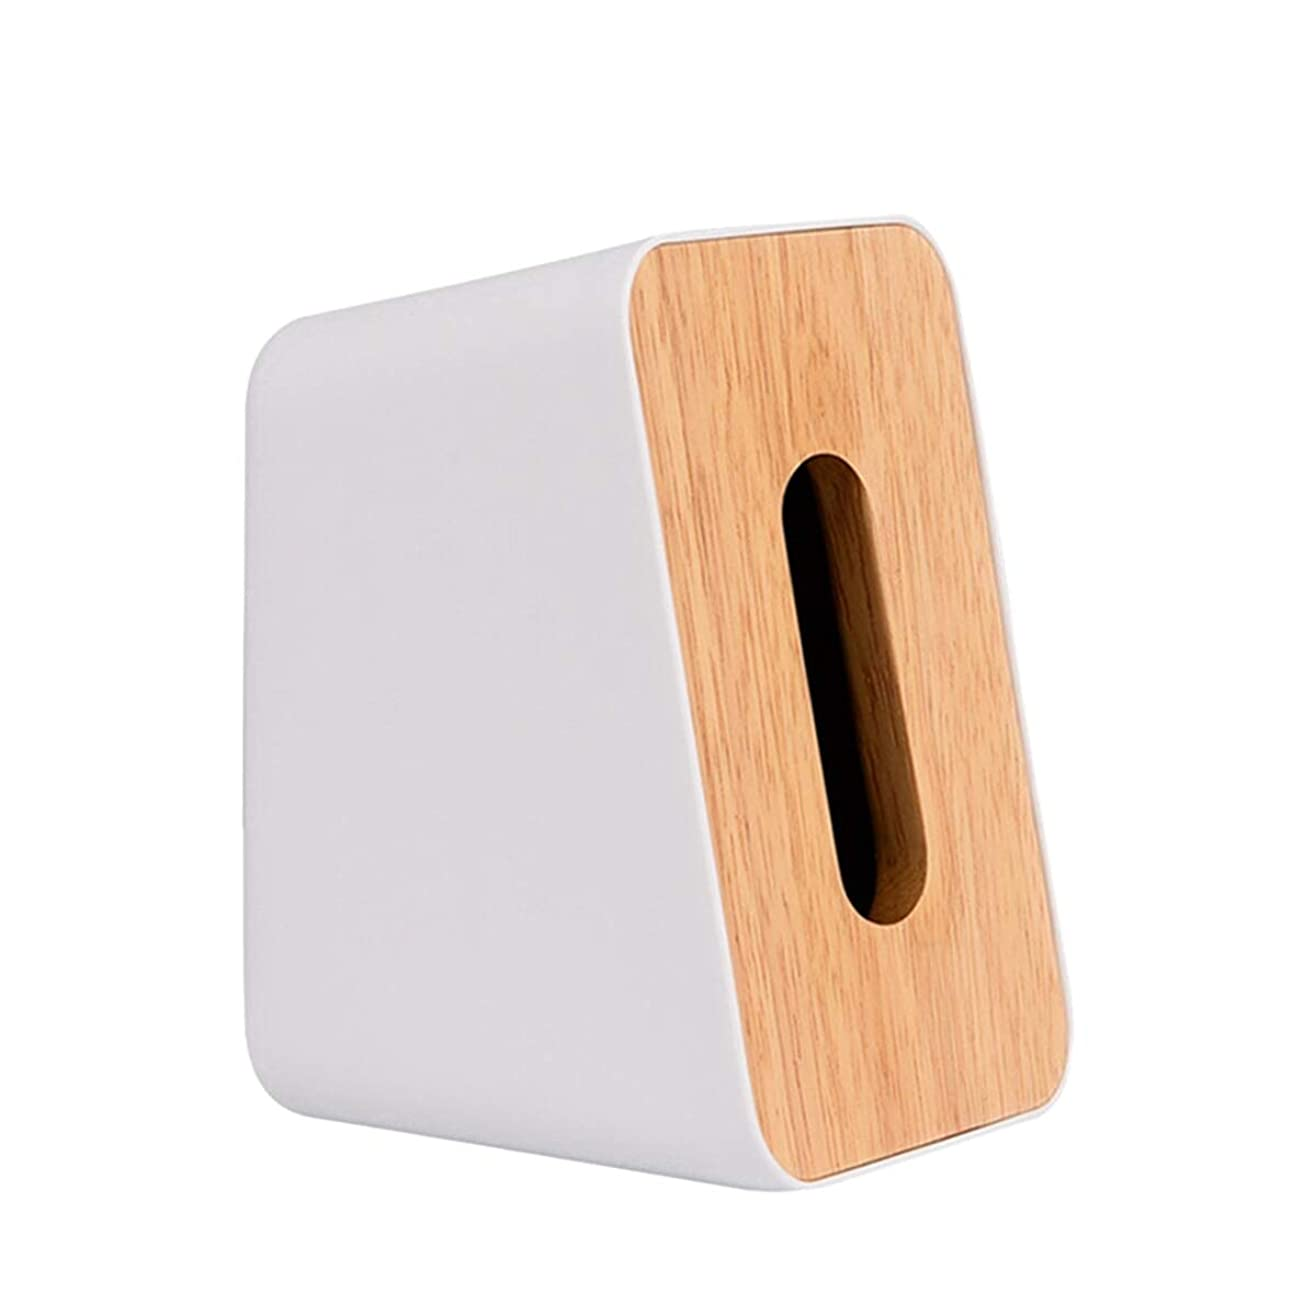 廃棄欲望人に関する限り[ワズチヨ] コンパクト 蓋付き ティッシュケース ティッシュボックス 縦にも横にも置ける おしゃれ インテリア 自立 ホワイト (白)